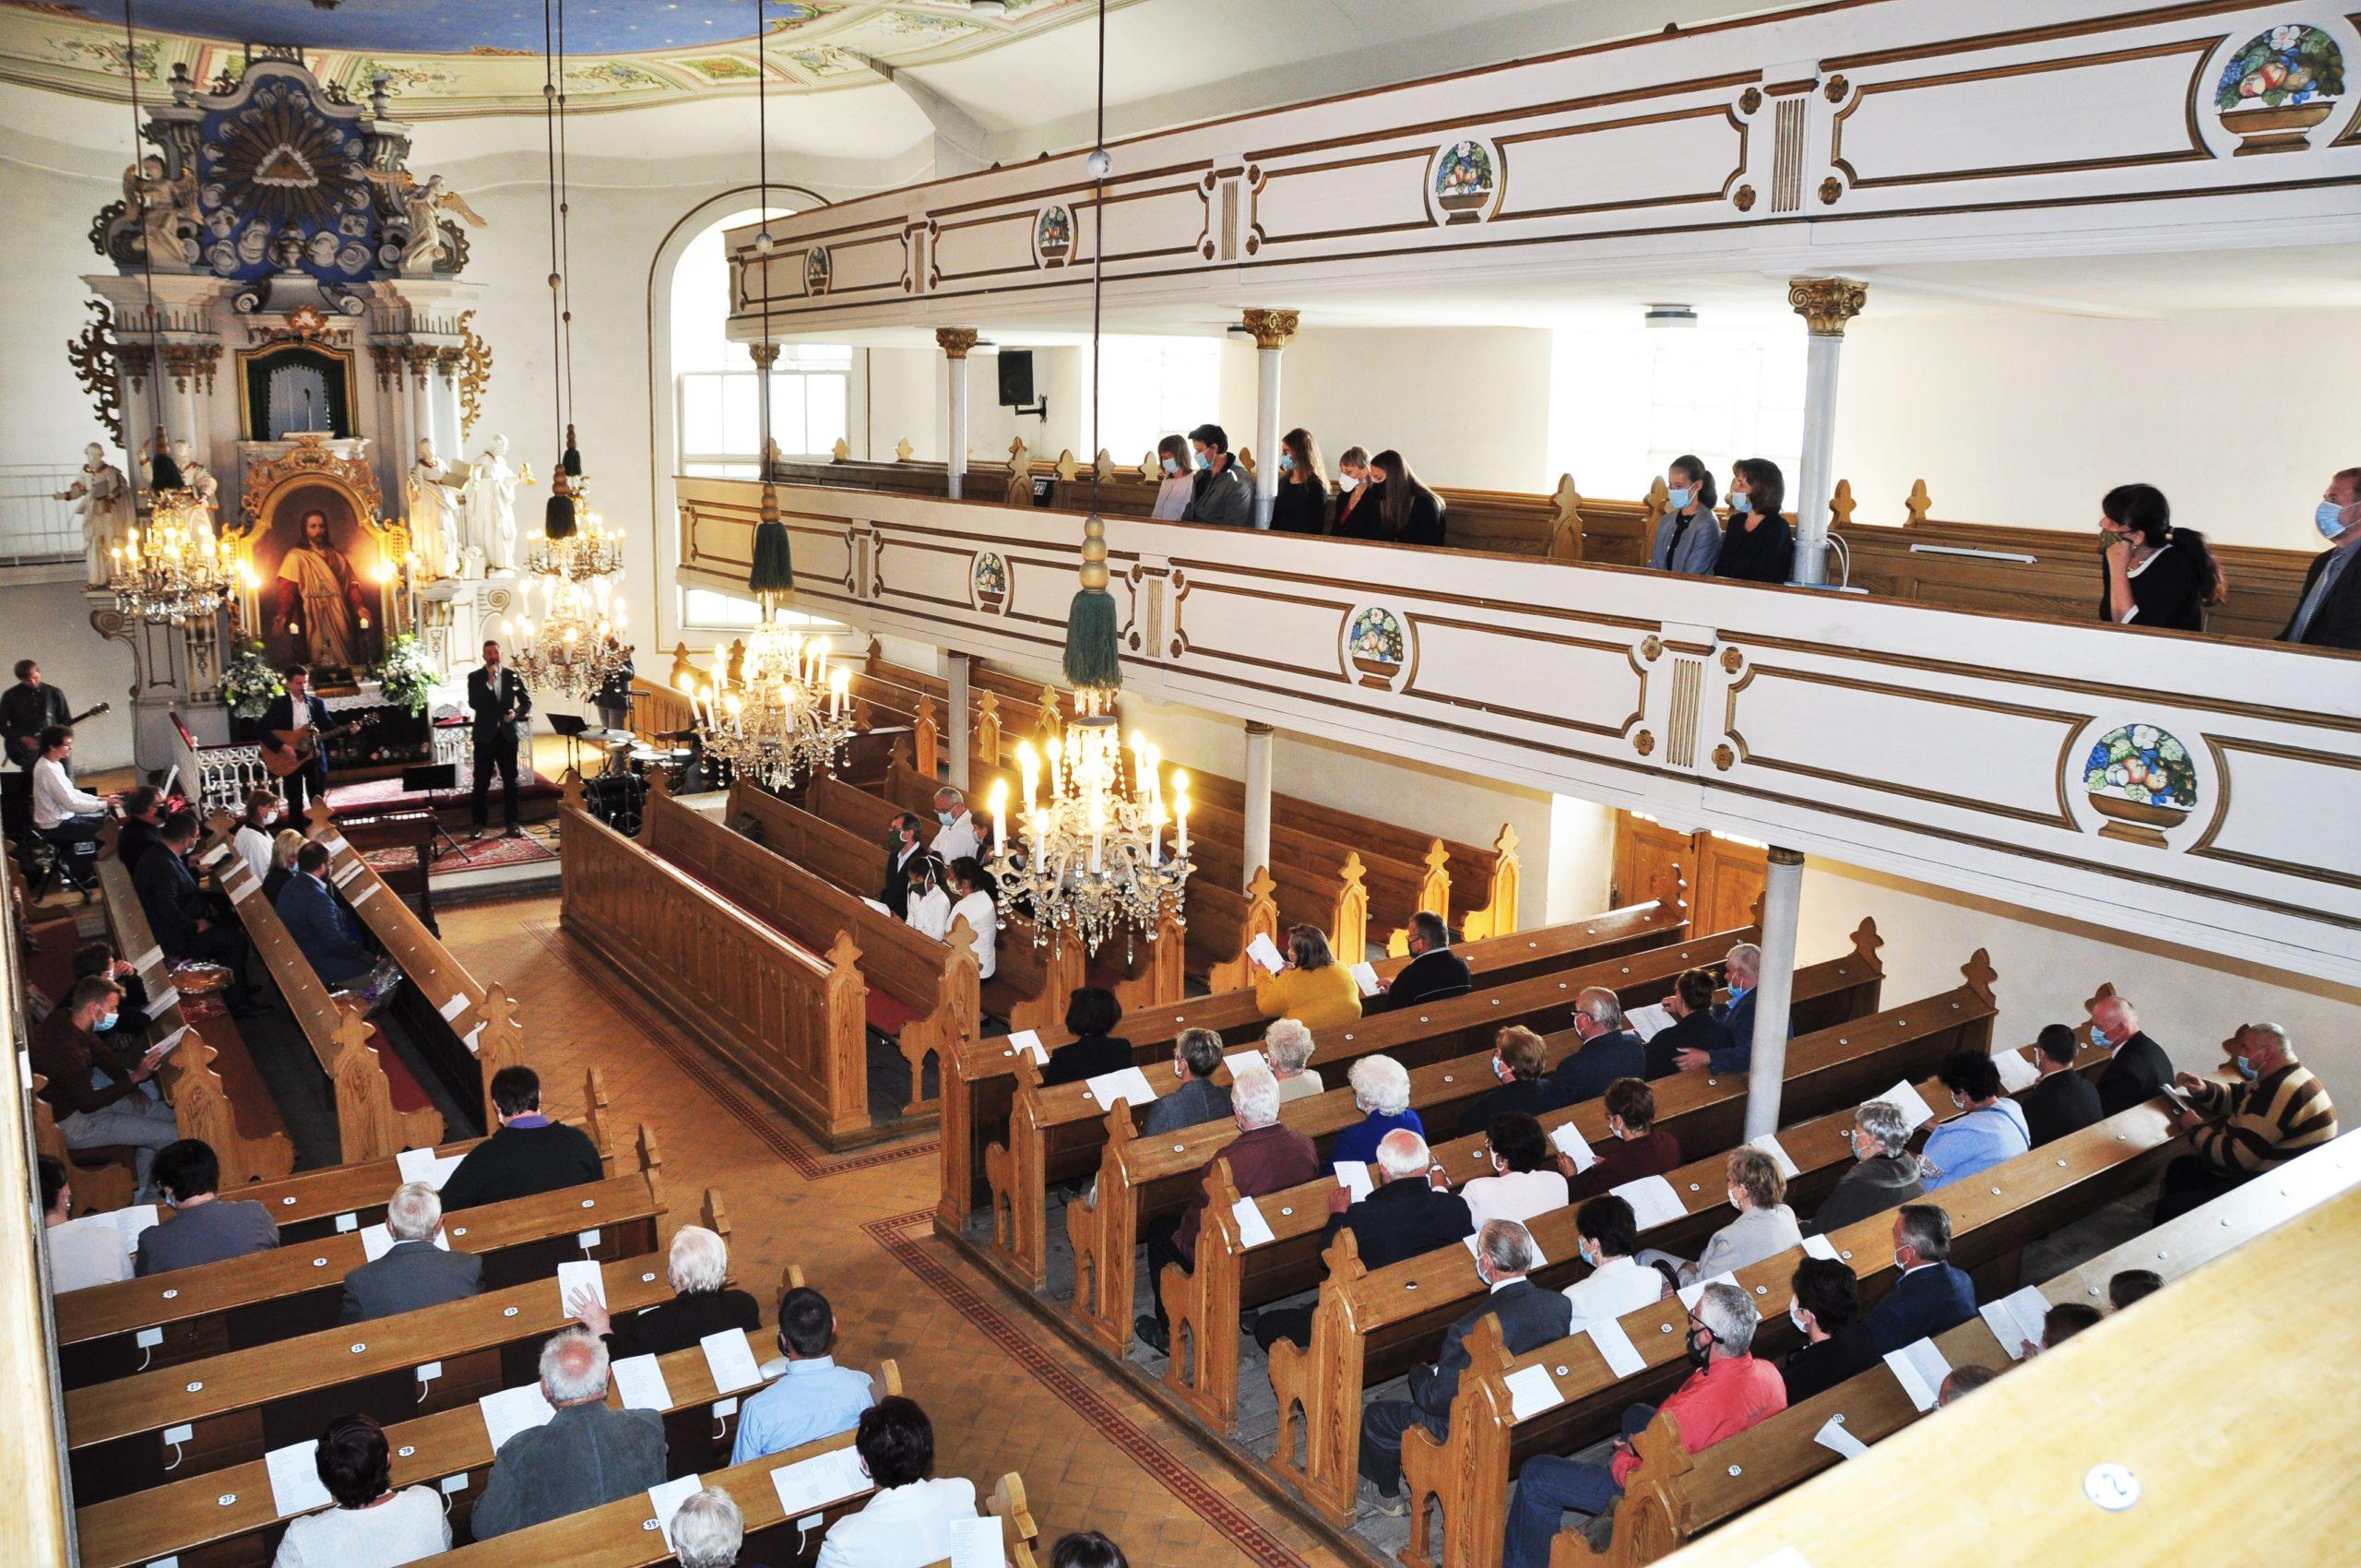 Seniorátní slavnost Evangelického dne 2020 a pastorální konference